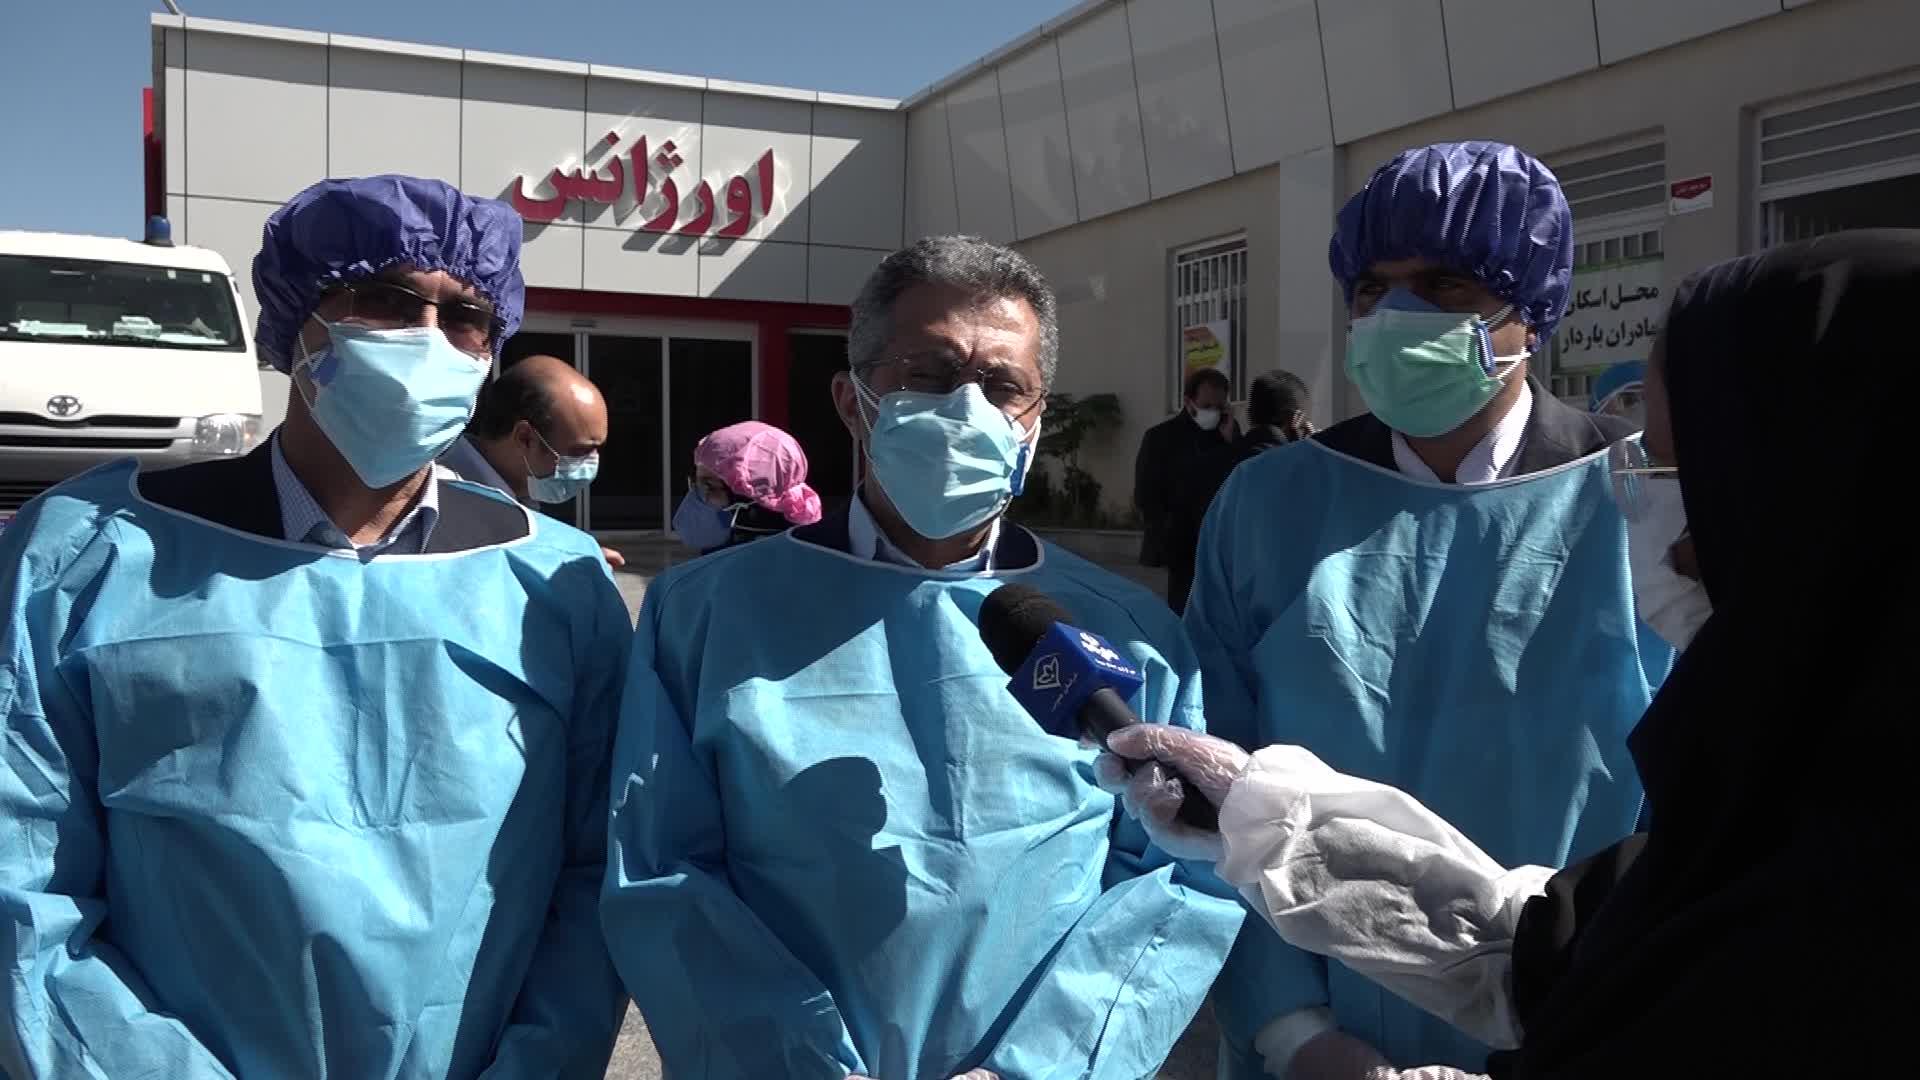 معاون وزیر بهداشت: کادر درمان خراسان جنوبی خوب عمل کرده اند